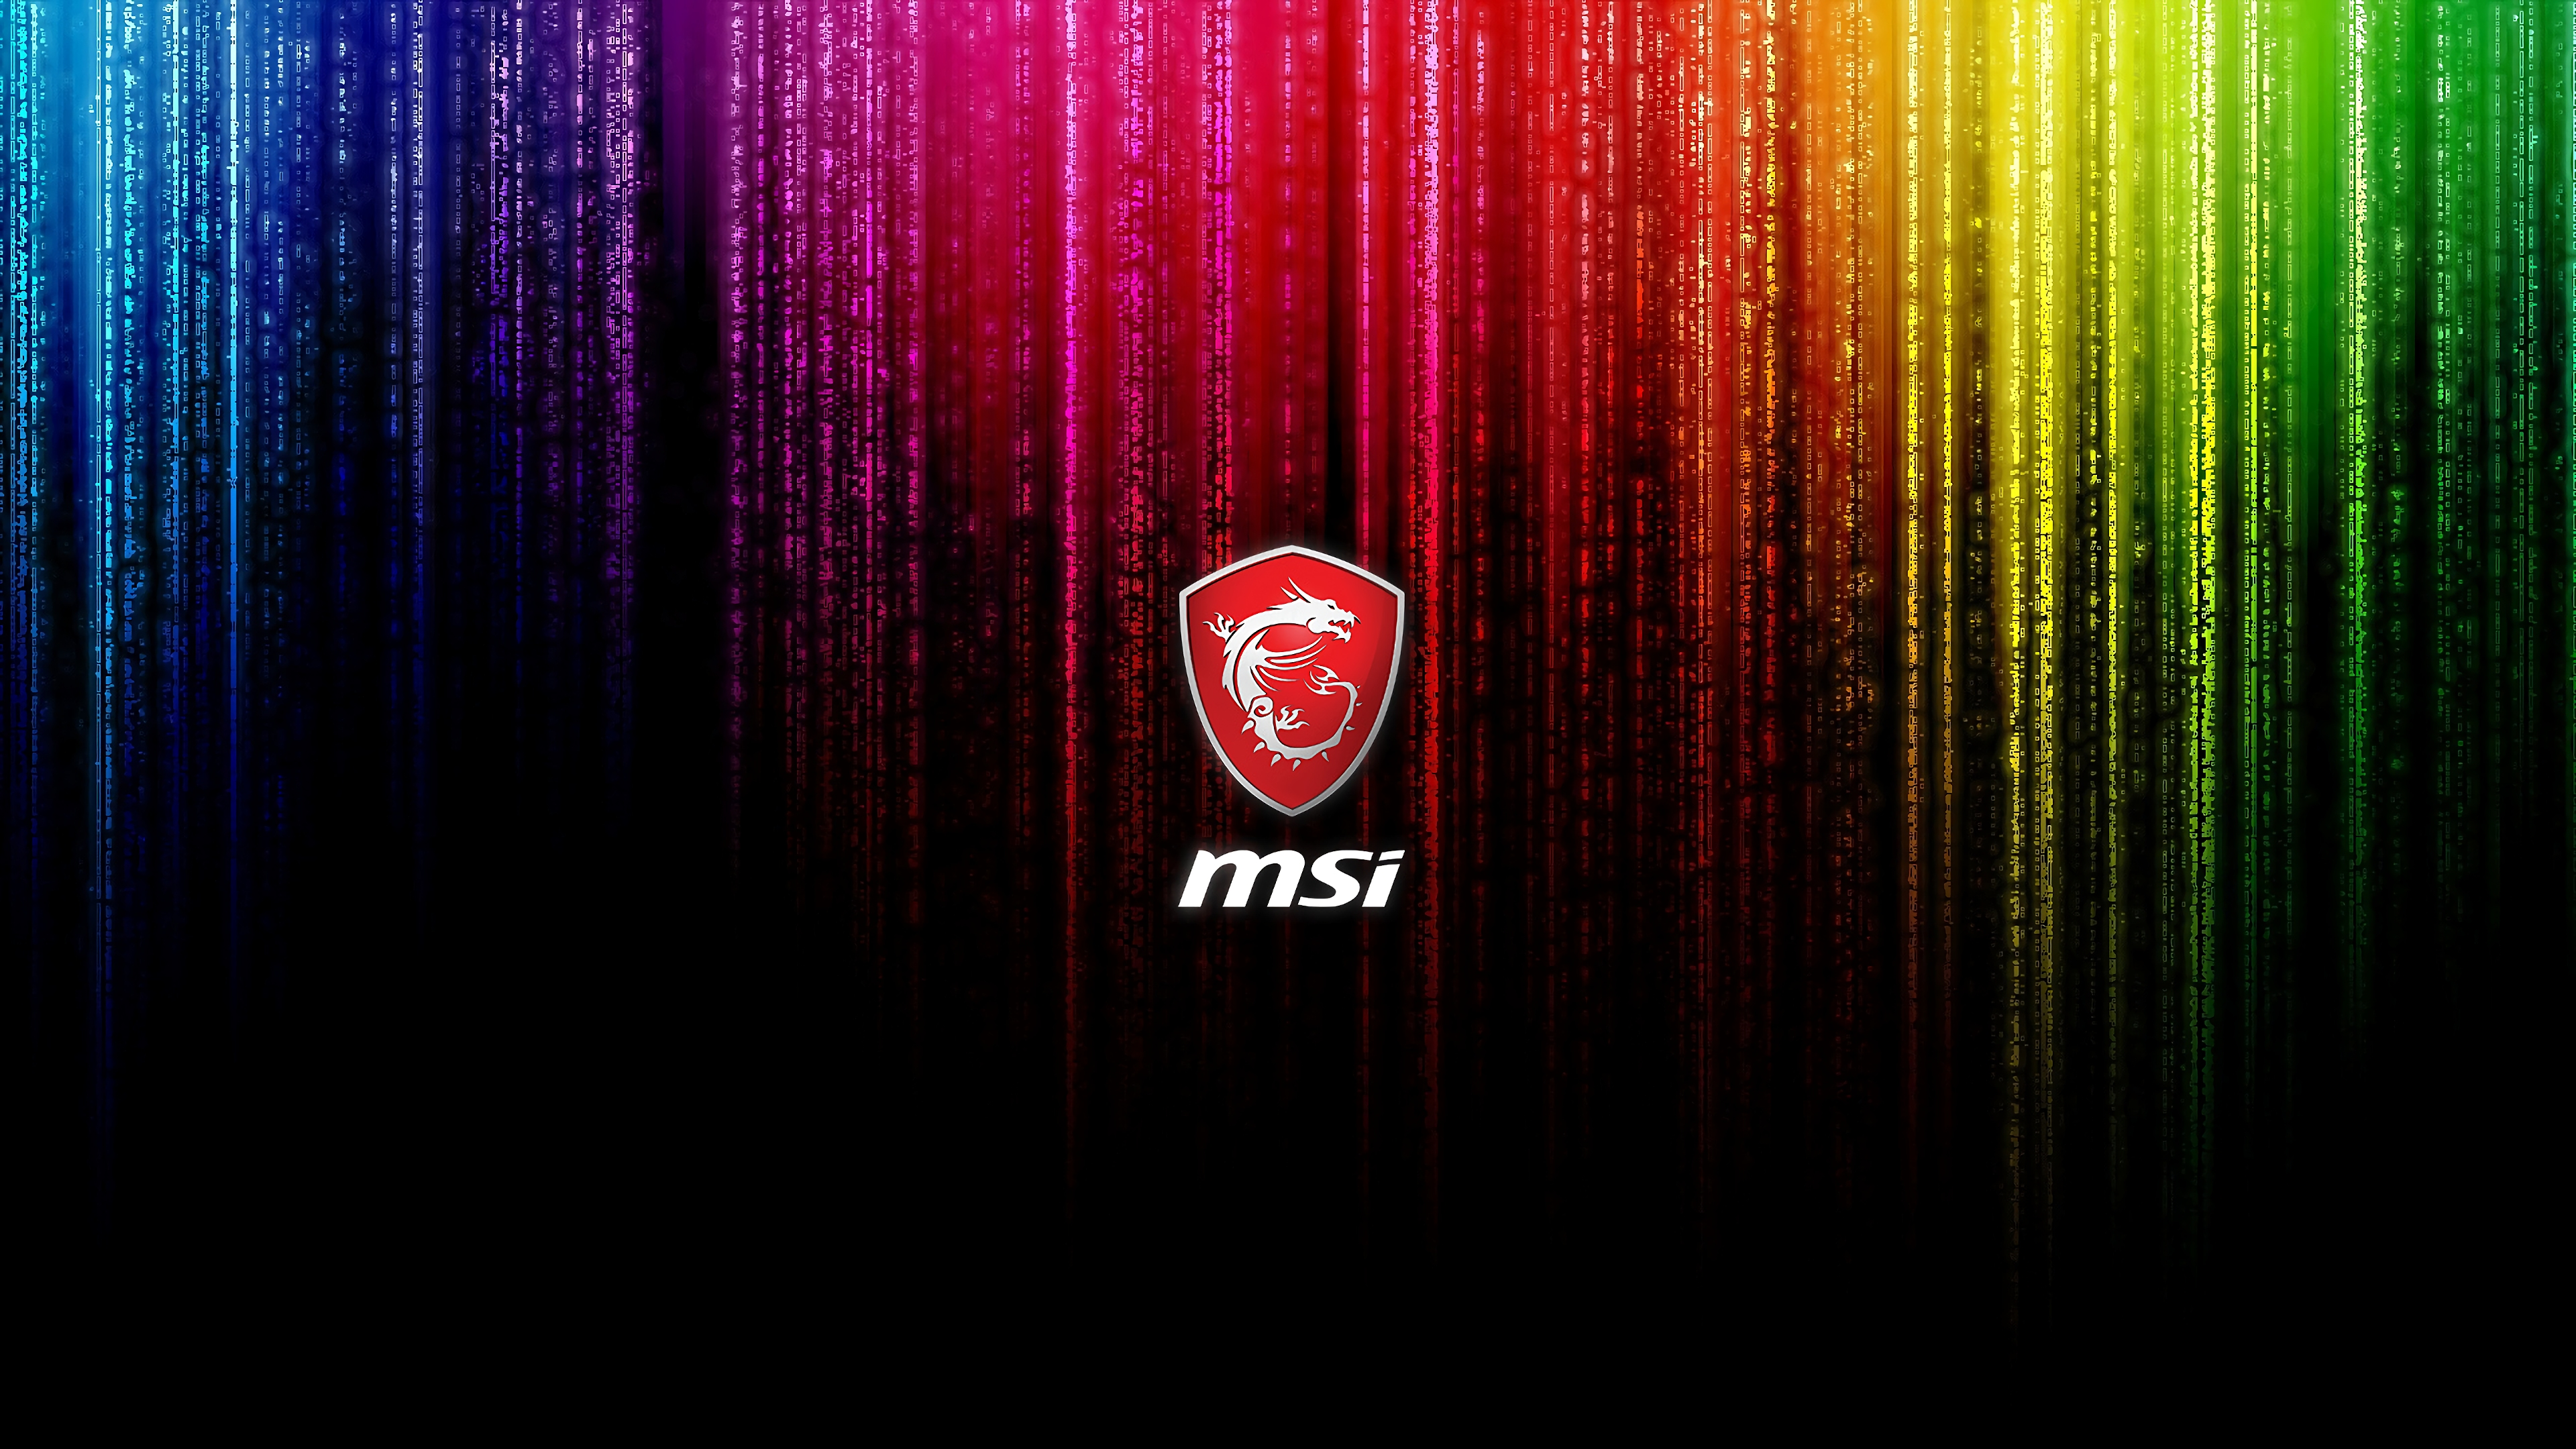 Ảnh nền MSI 4K đẹp